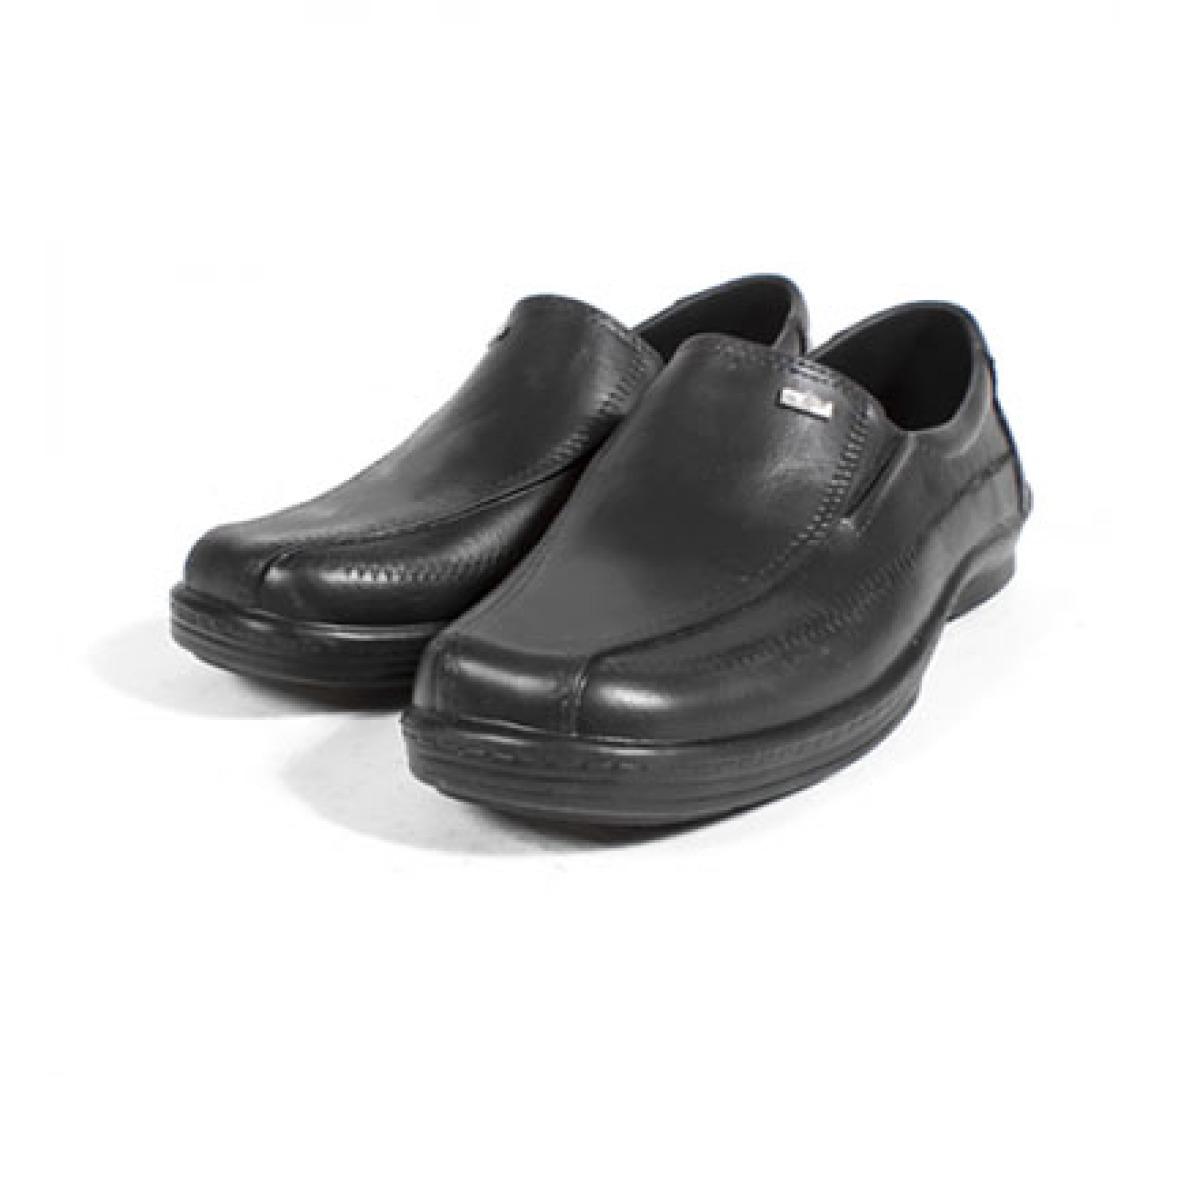 真皮皮鞋_商務雨天皮鞋/黑   牛頭牌・台灣鞋 Newbuffalo